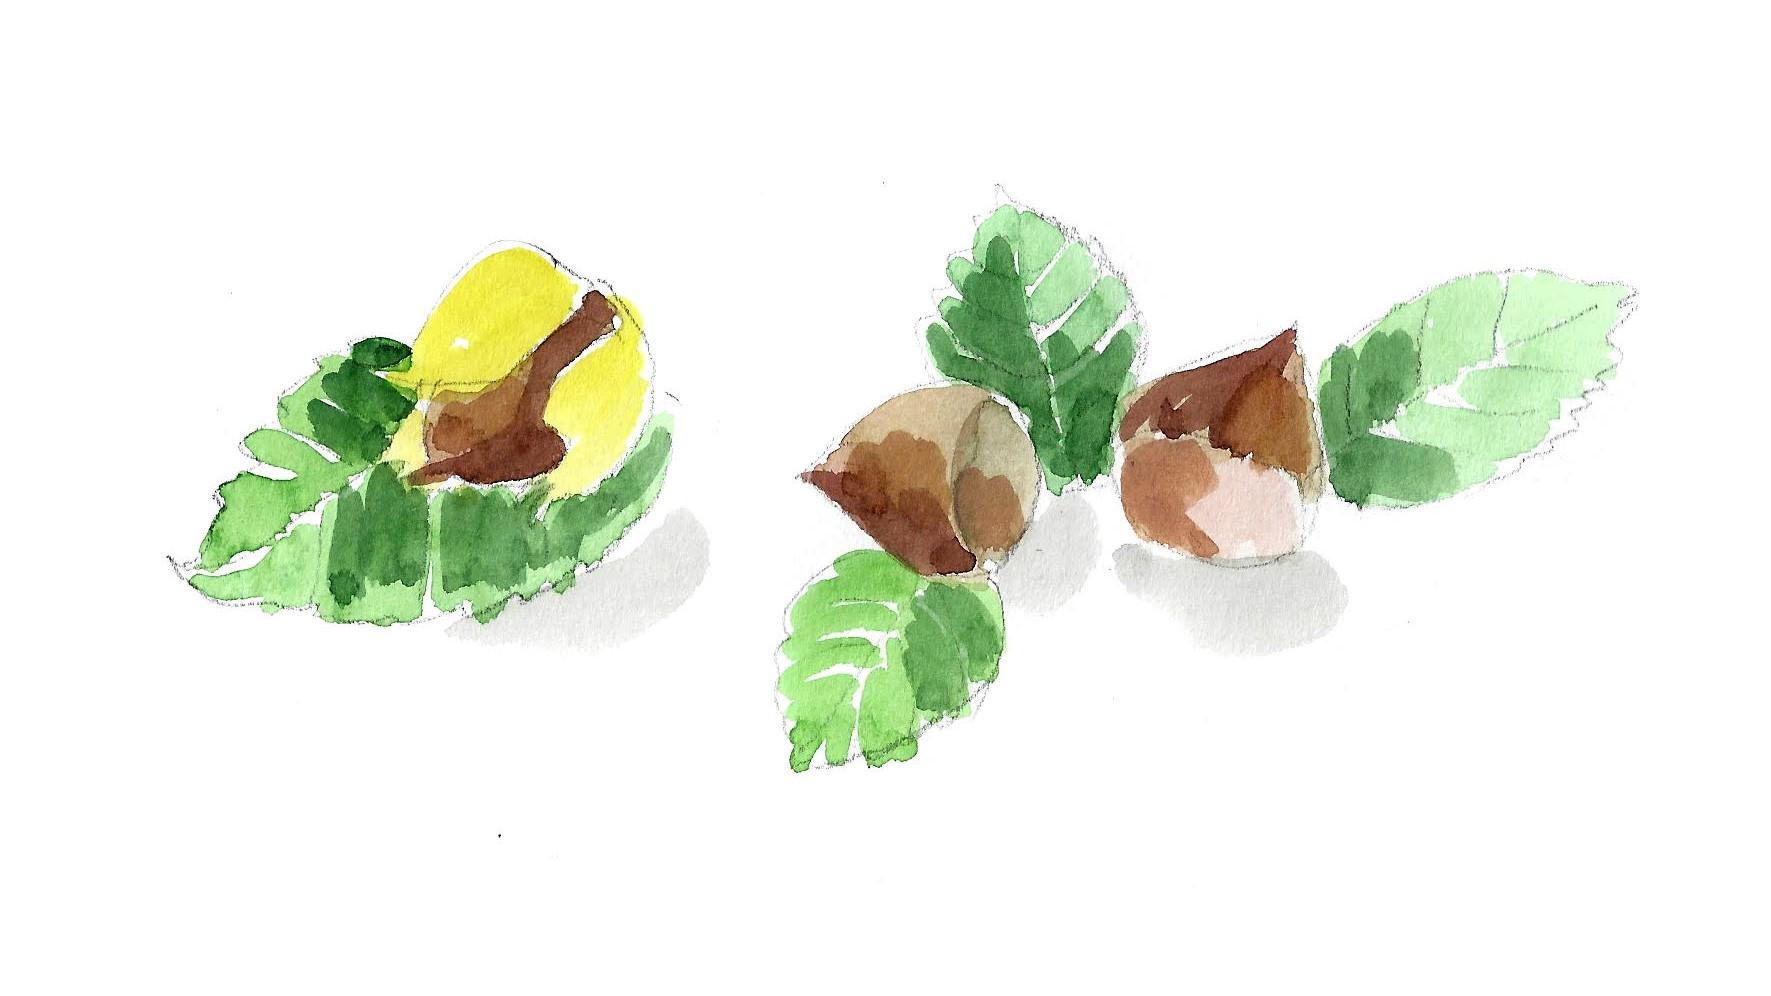 noisettes-pâteàtartiner-miam-chandeleur-cuisine-recette-bio-Nutella